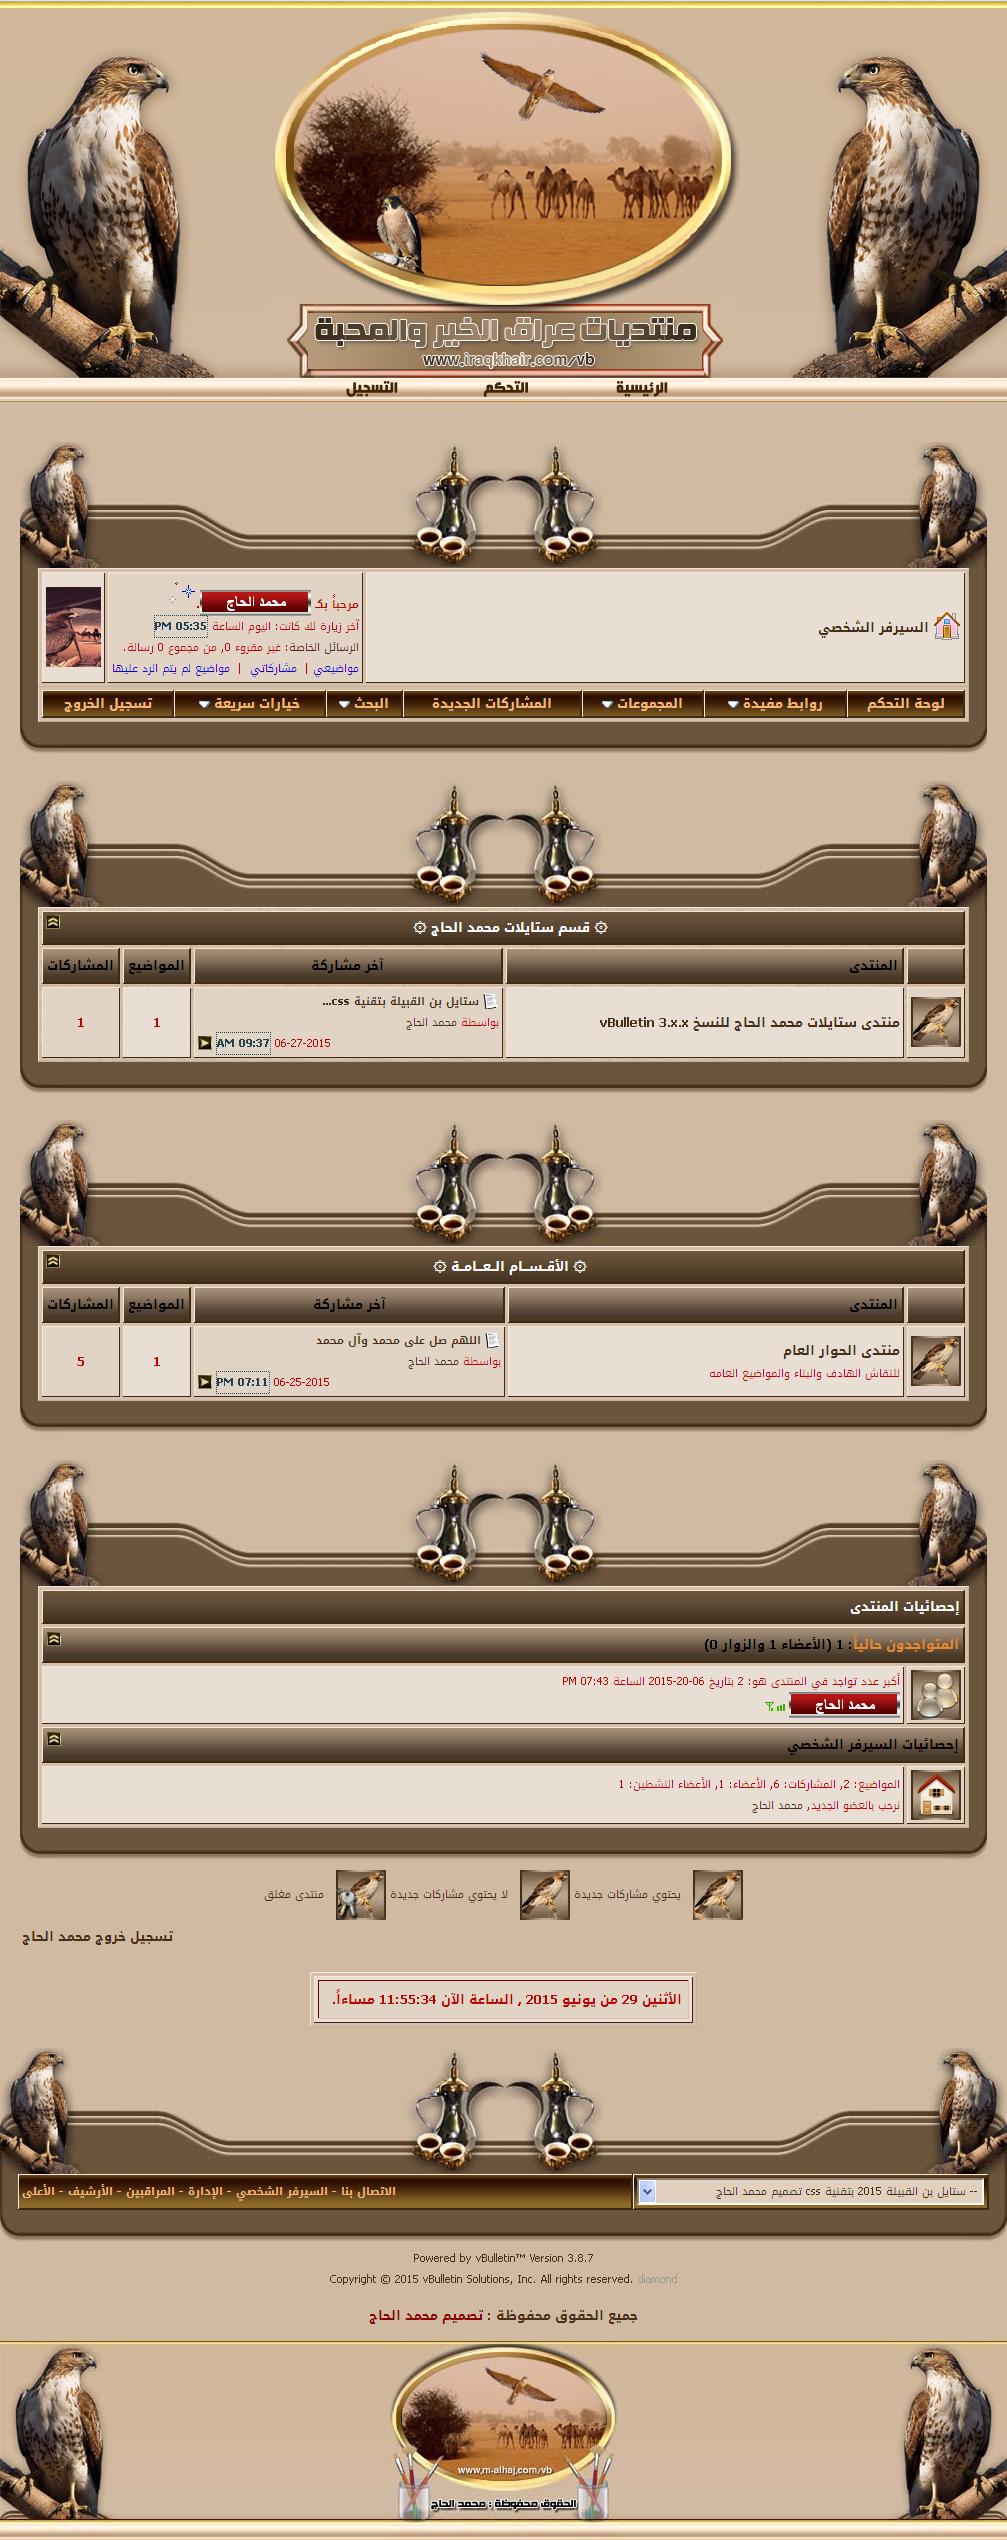 ستايل القبيلة بتقنية إصدار 2015